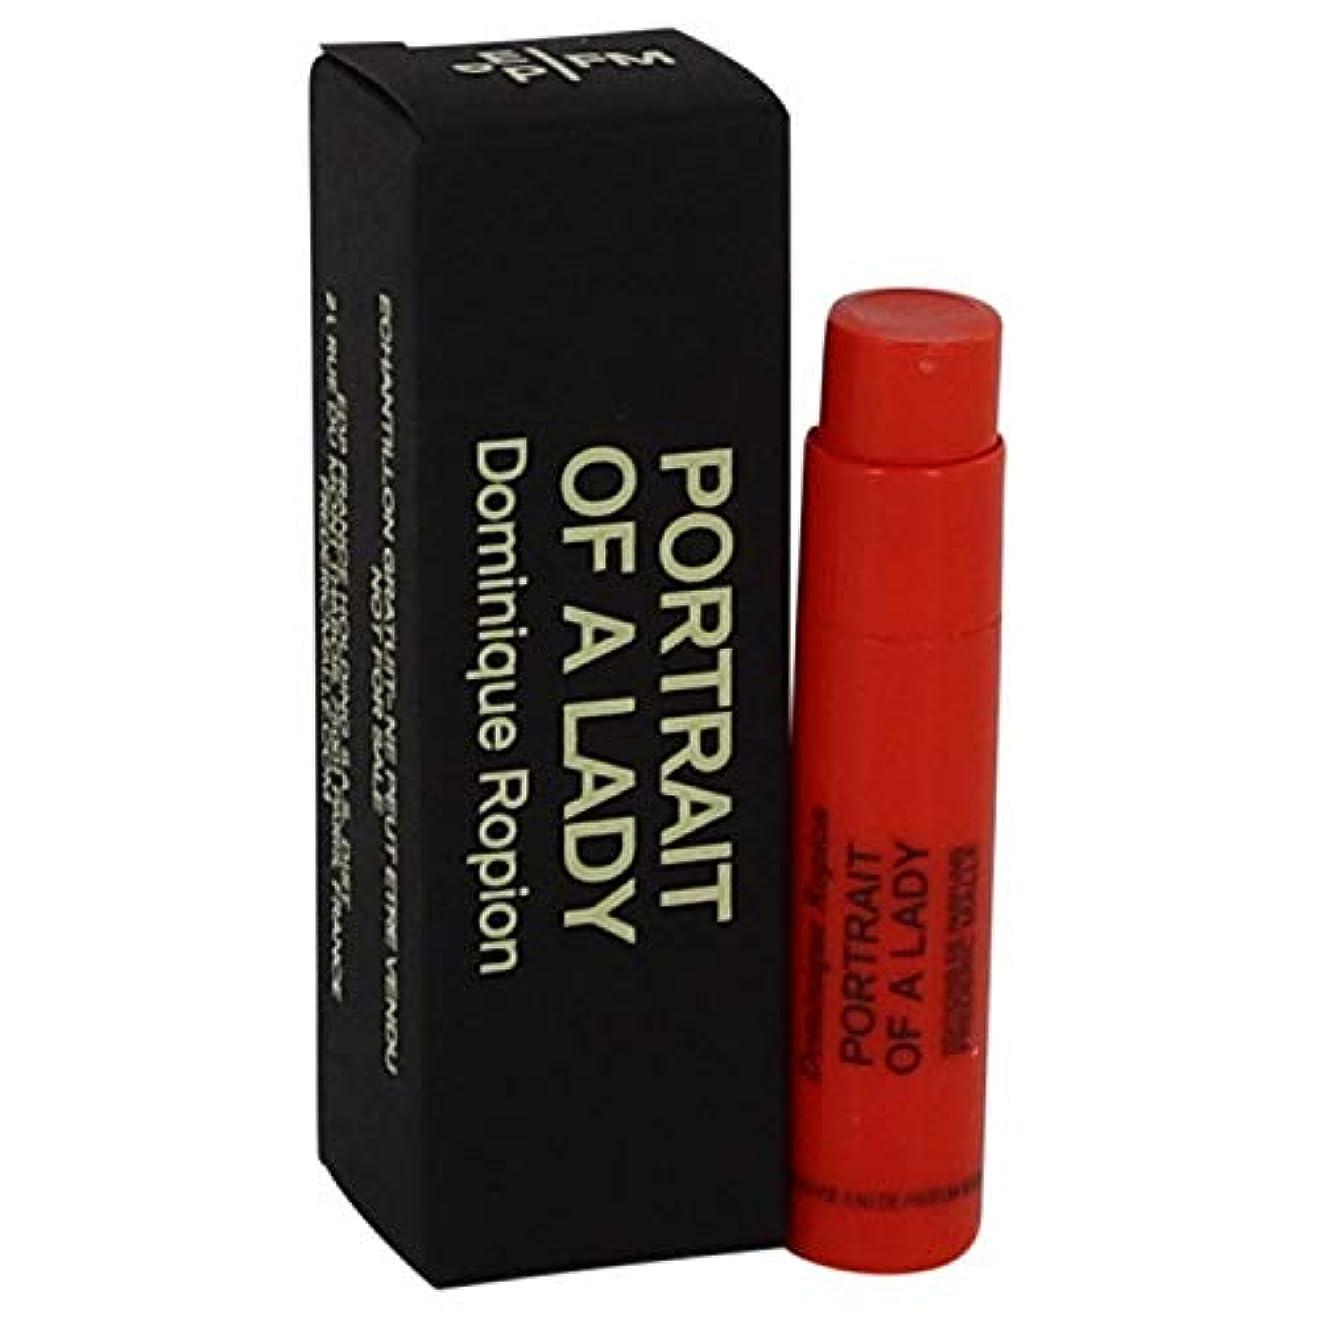 挑発する緩む誤解を招くFrederic Malle Portrait of a Lady (フレデリック マル ポートレイト オブ ア レディー)0.05 oz (1.5ml) EDP Sample サンプル Spray for Women